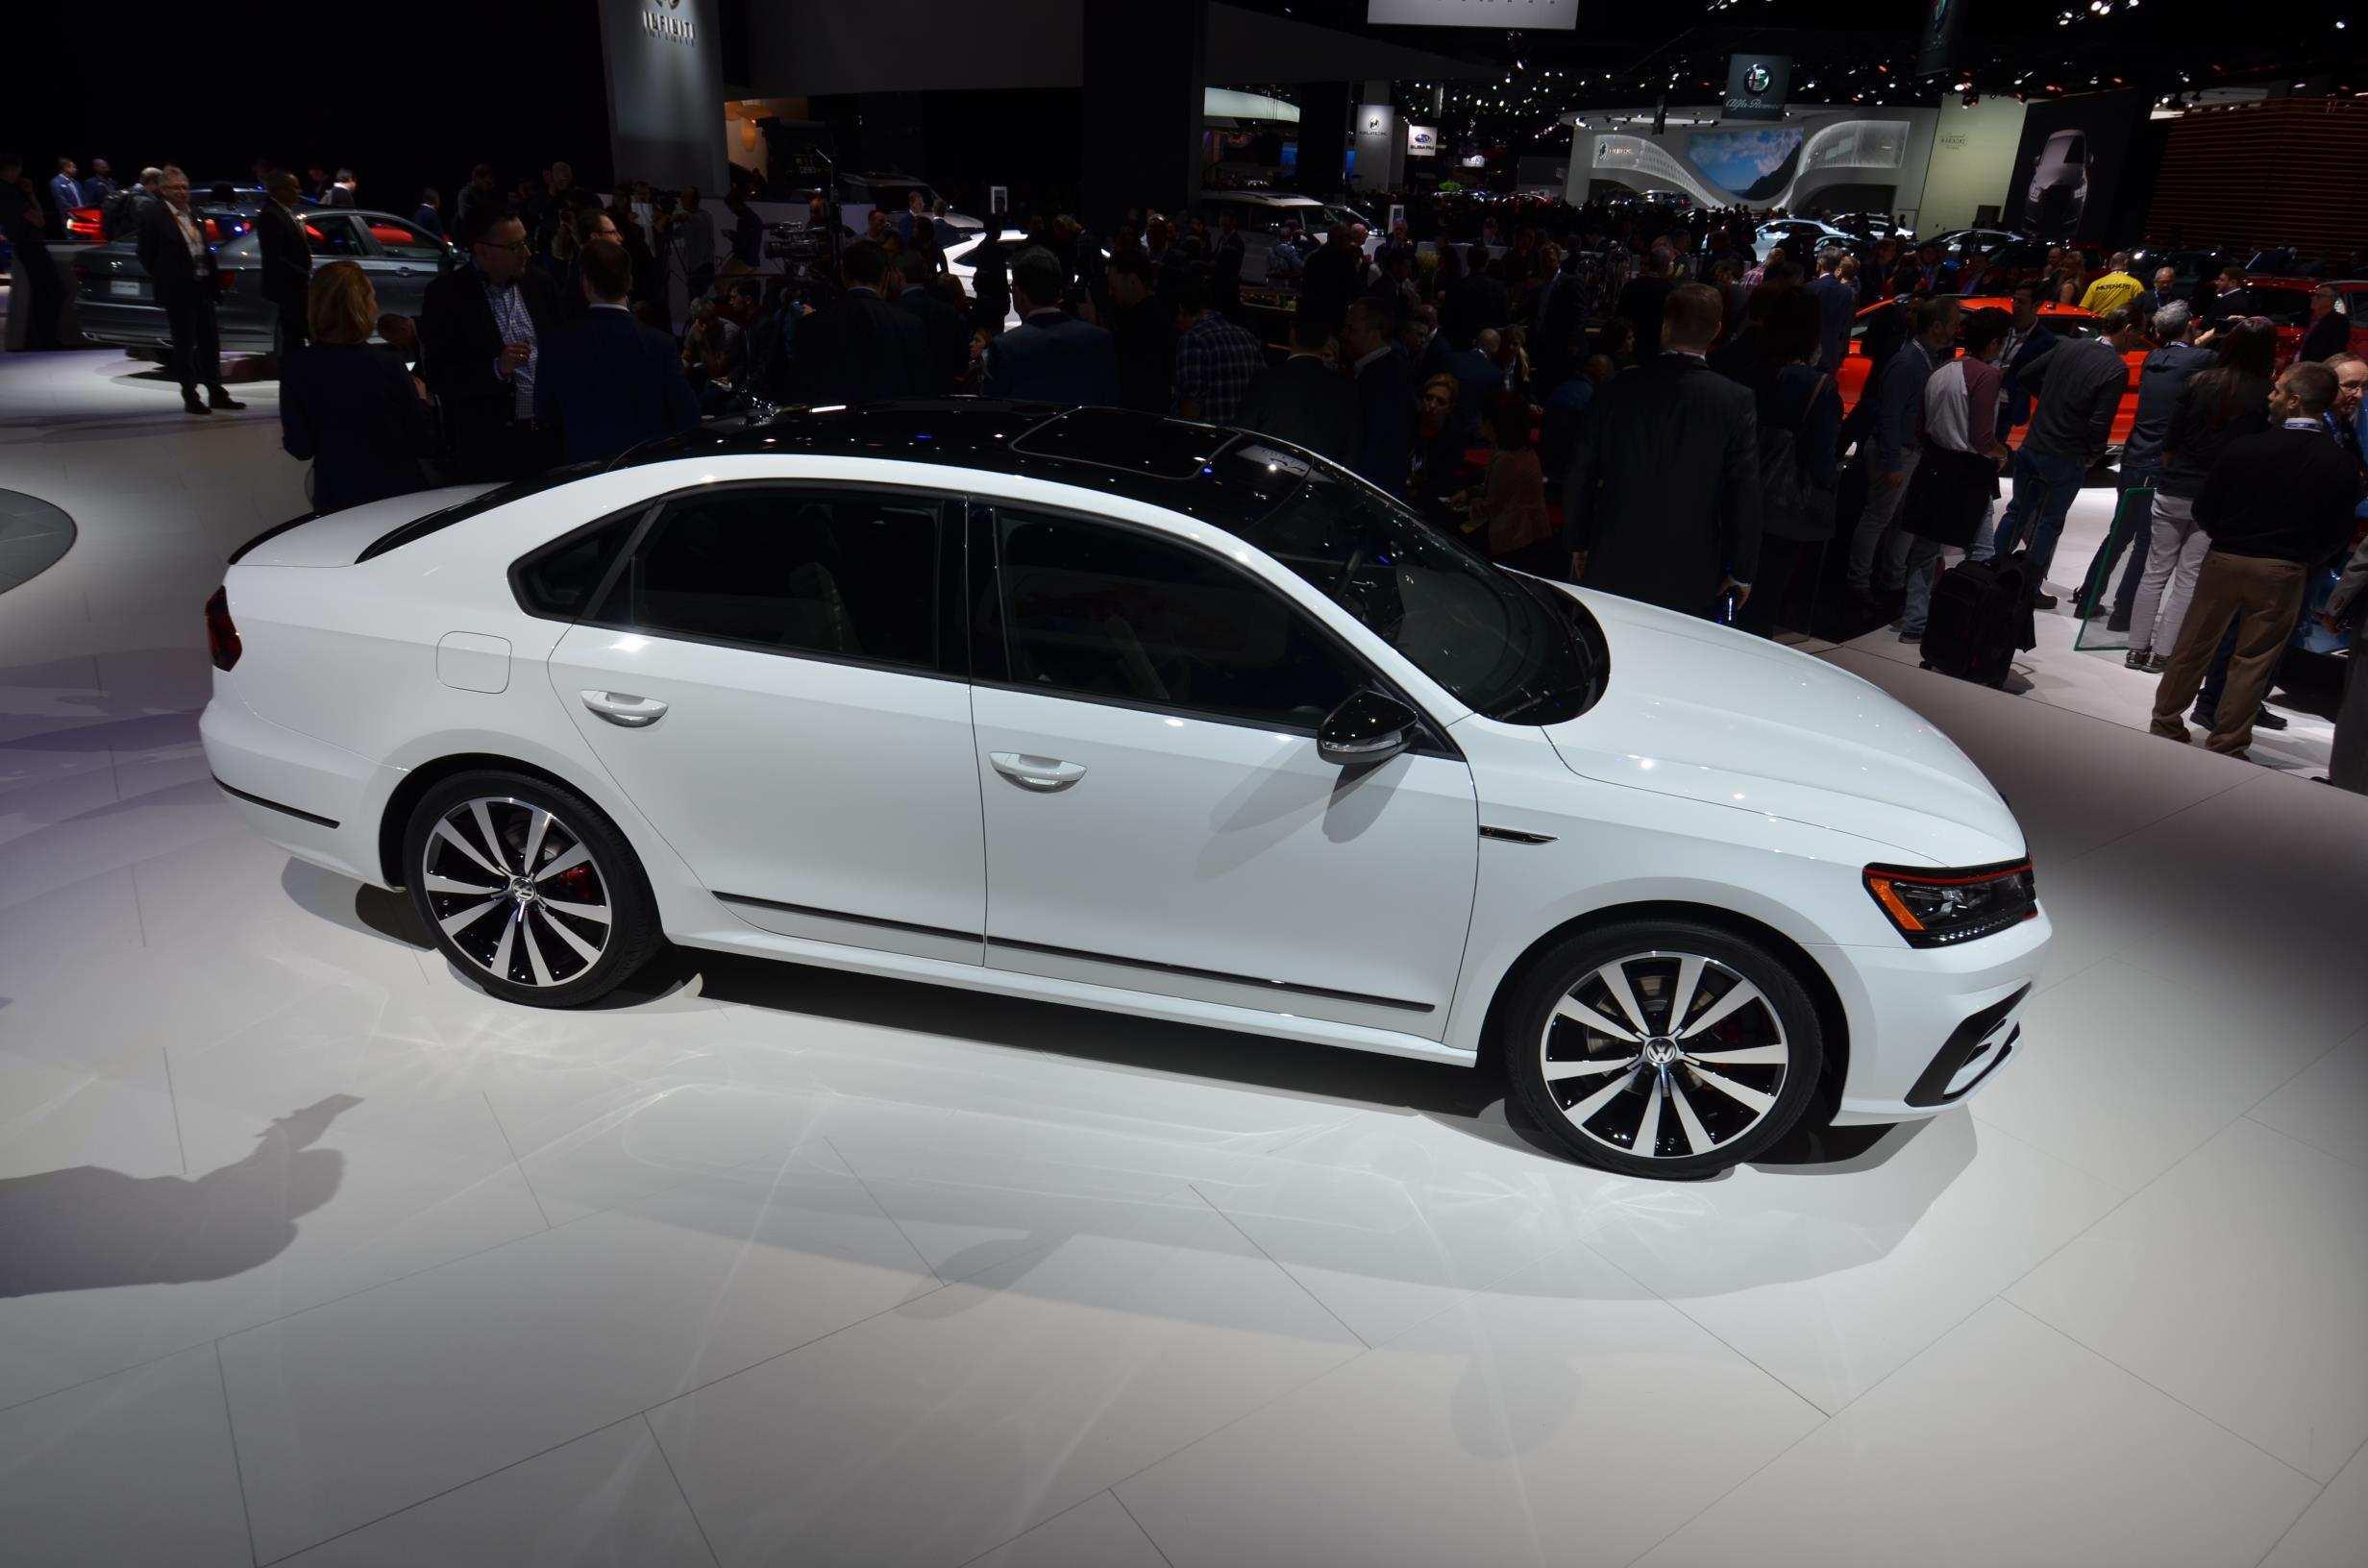 21 Great Best Volkswagen Passat Gt 2019 Exterior Images with Best Volkswagen Passat Gt 2019 Exterior